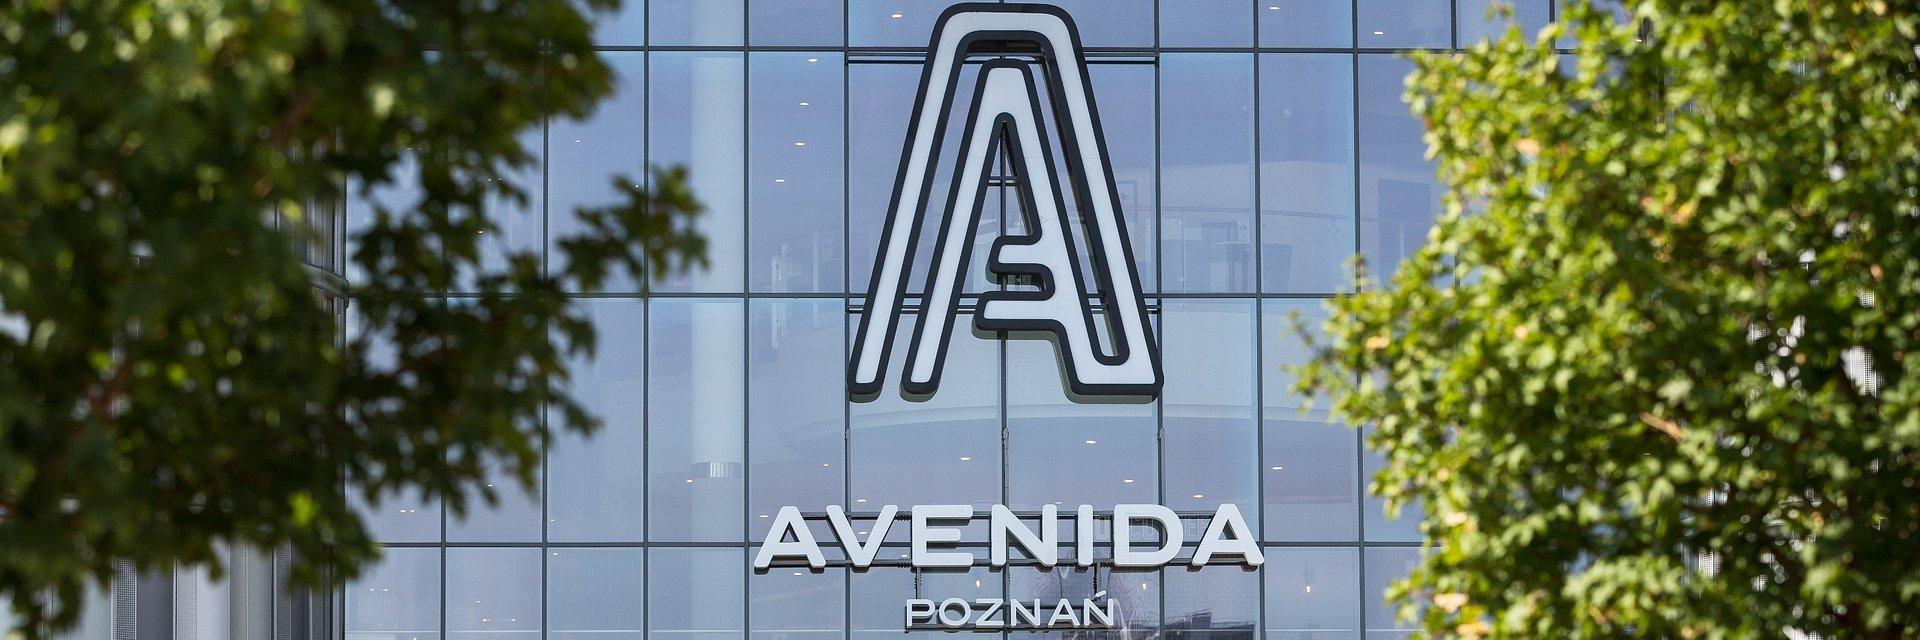 Znana międzynarodowa marka w Avenidzie Poznań